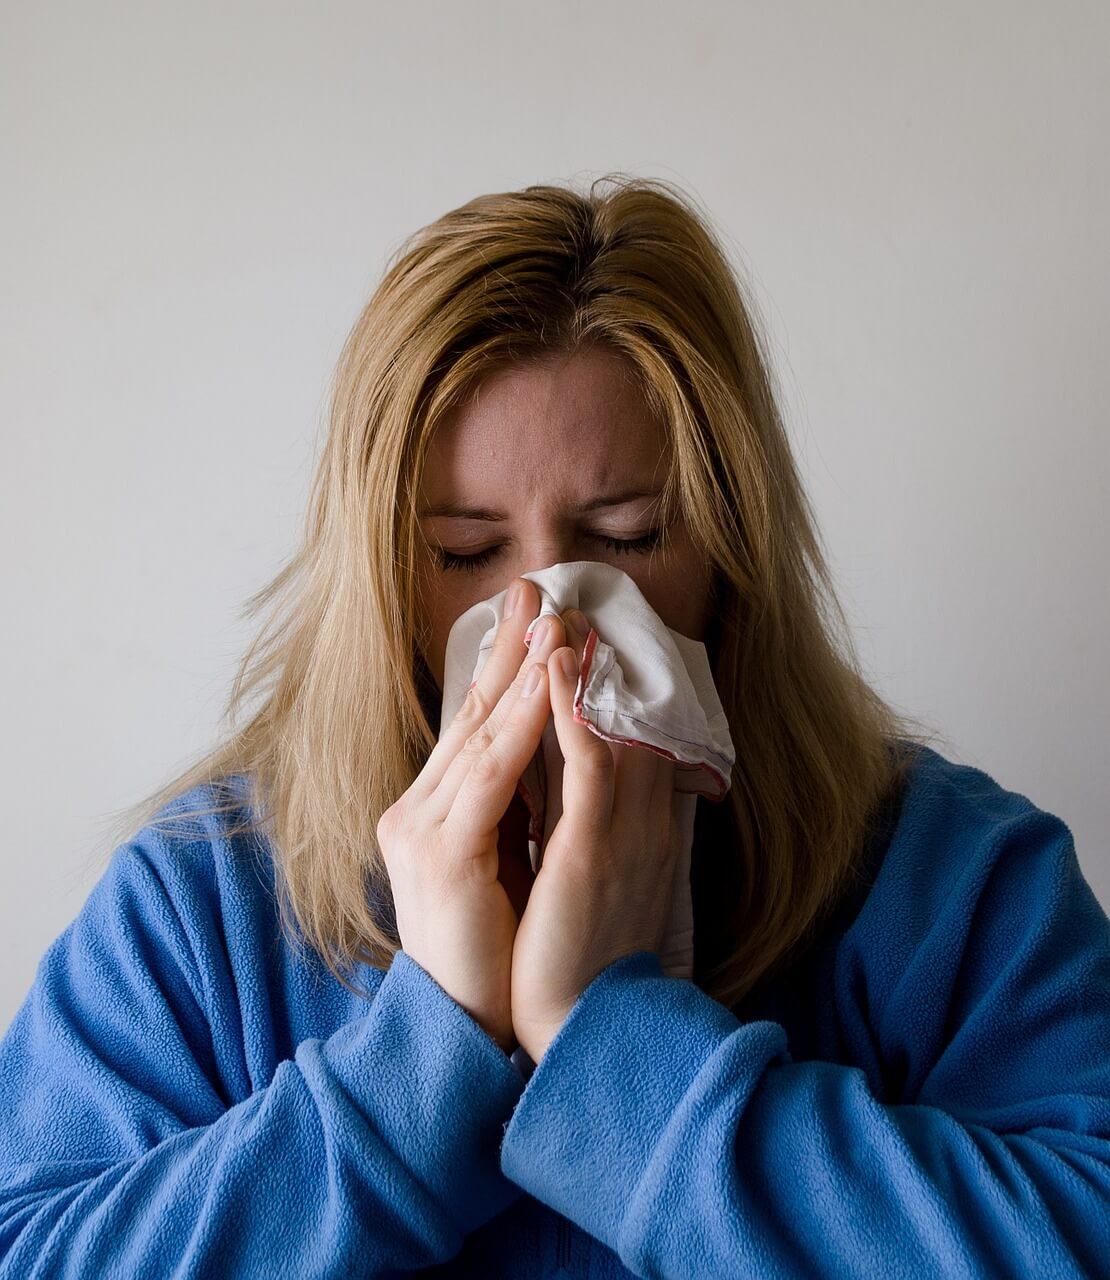 פיטורי עובד בעקבות מחלה – מה אומר החוק